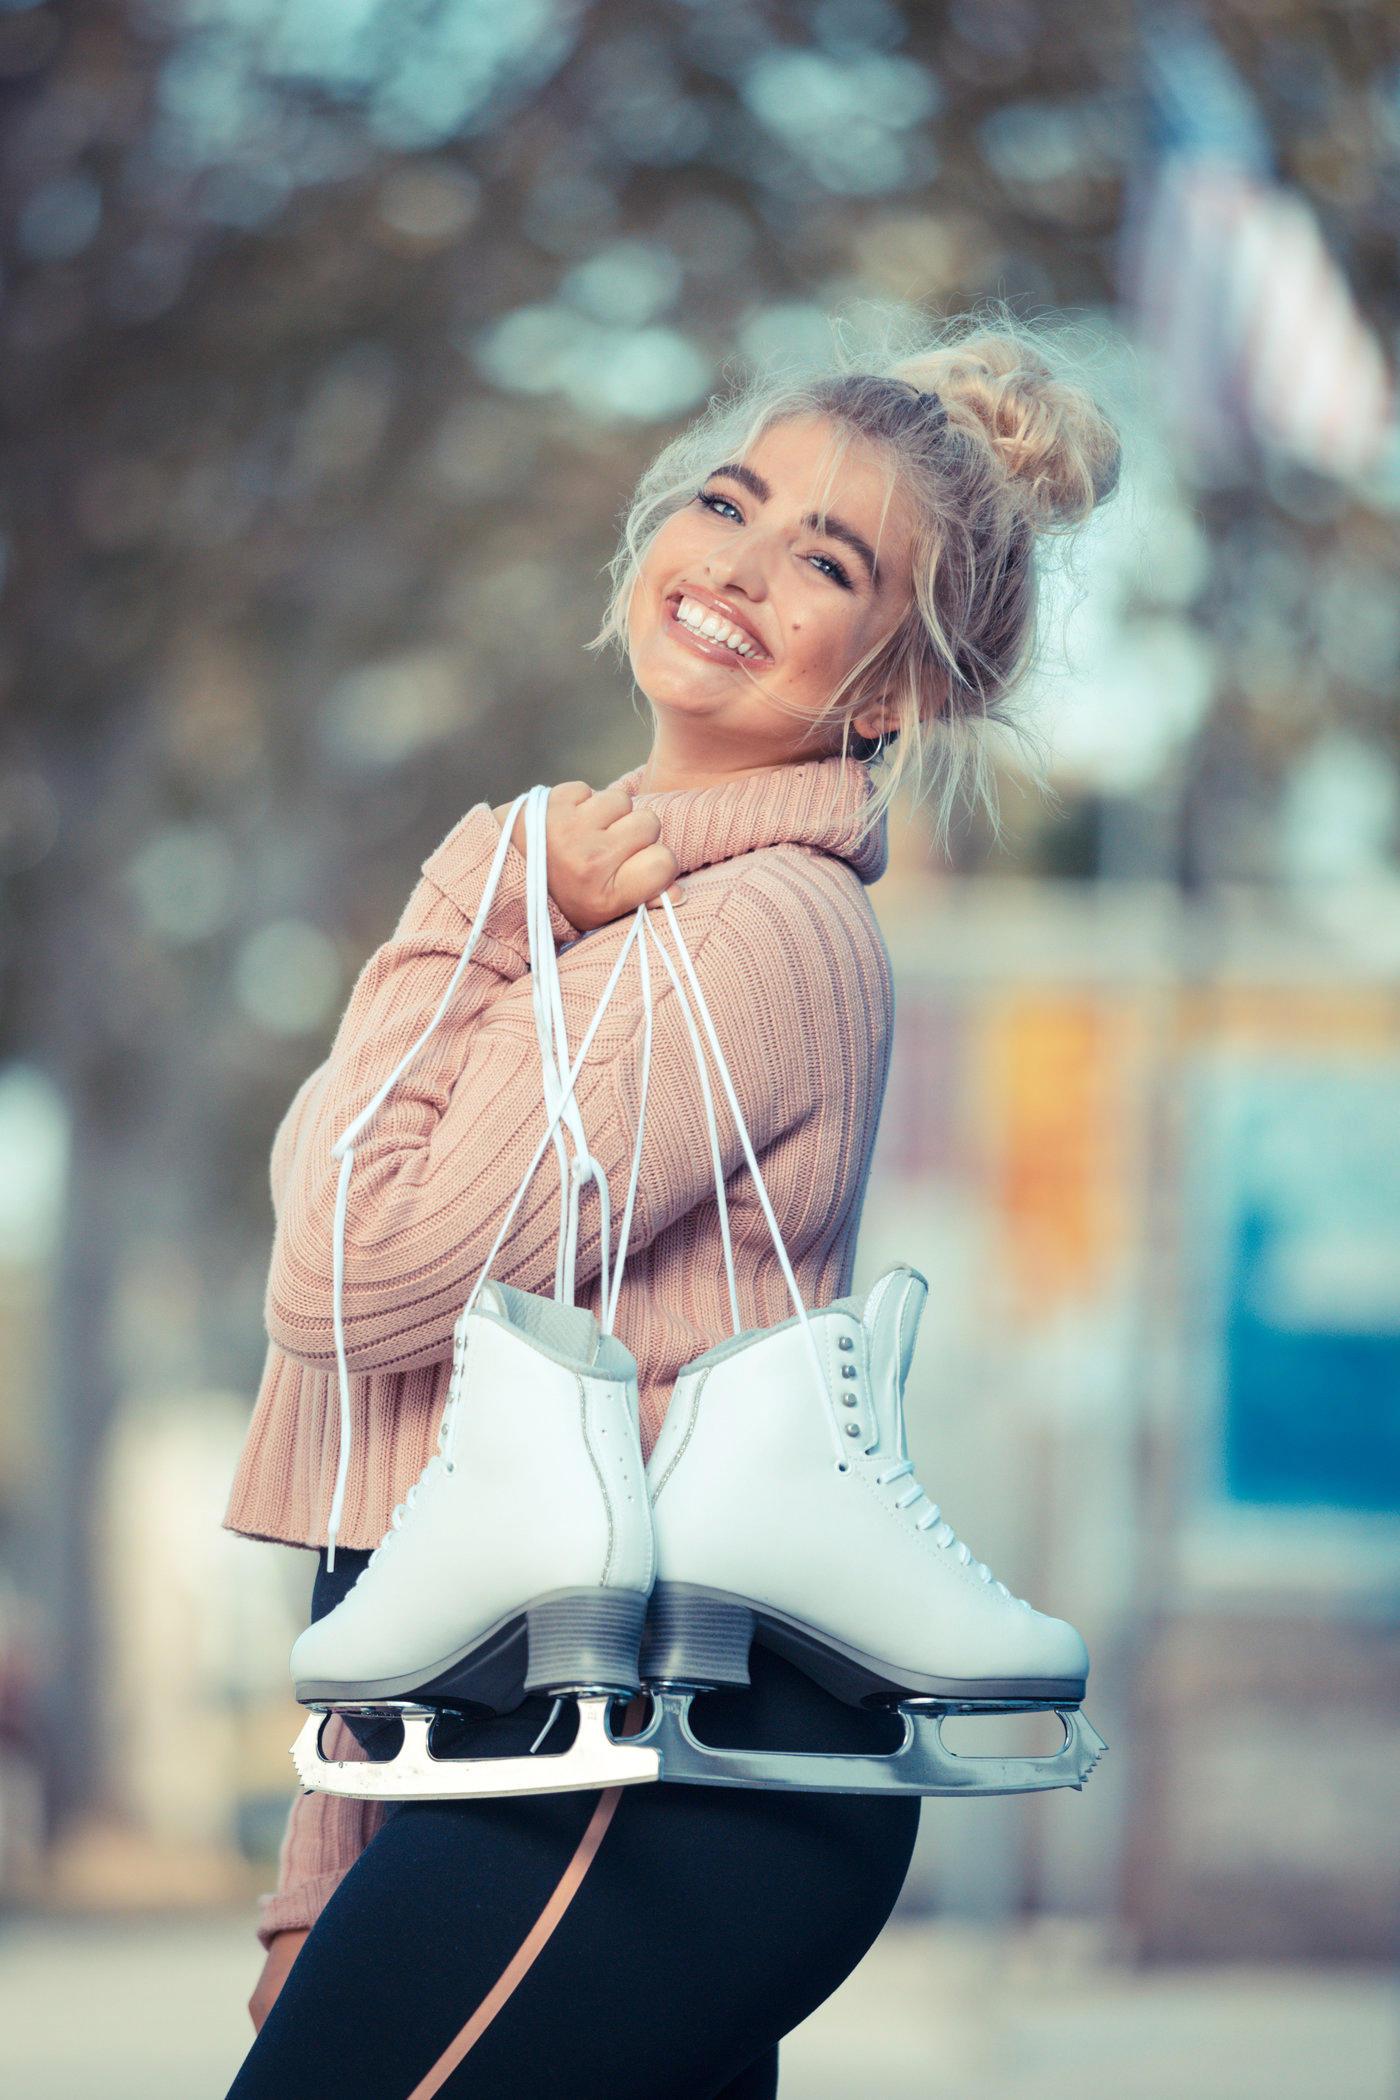 Sarina Nowak Bei Dancing On Ice Ich Plane Nicht Dass Sich Meine